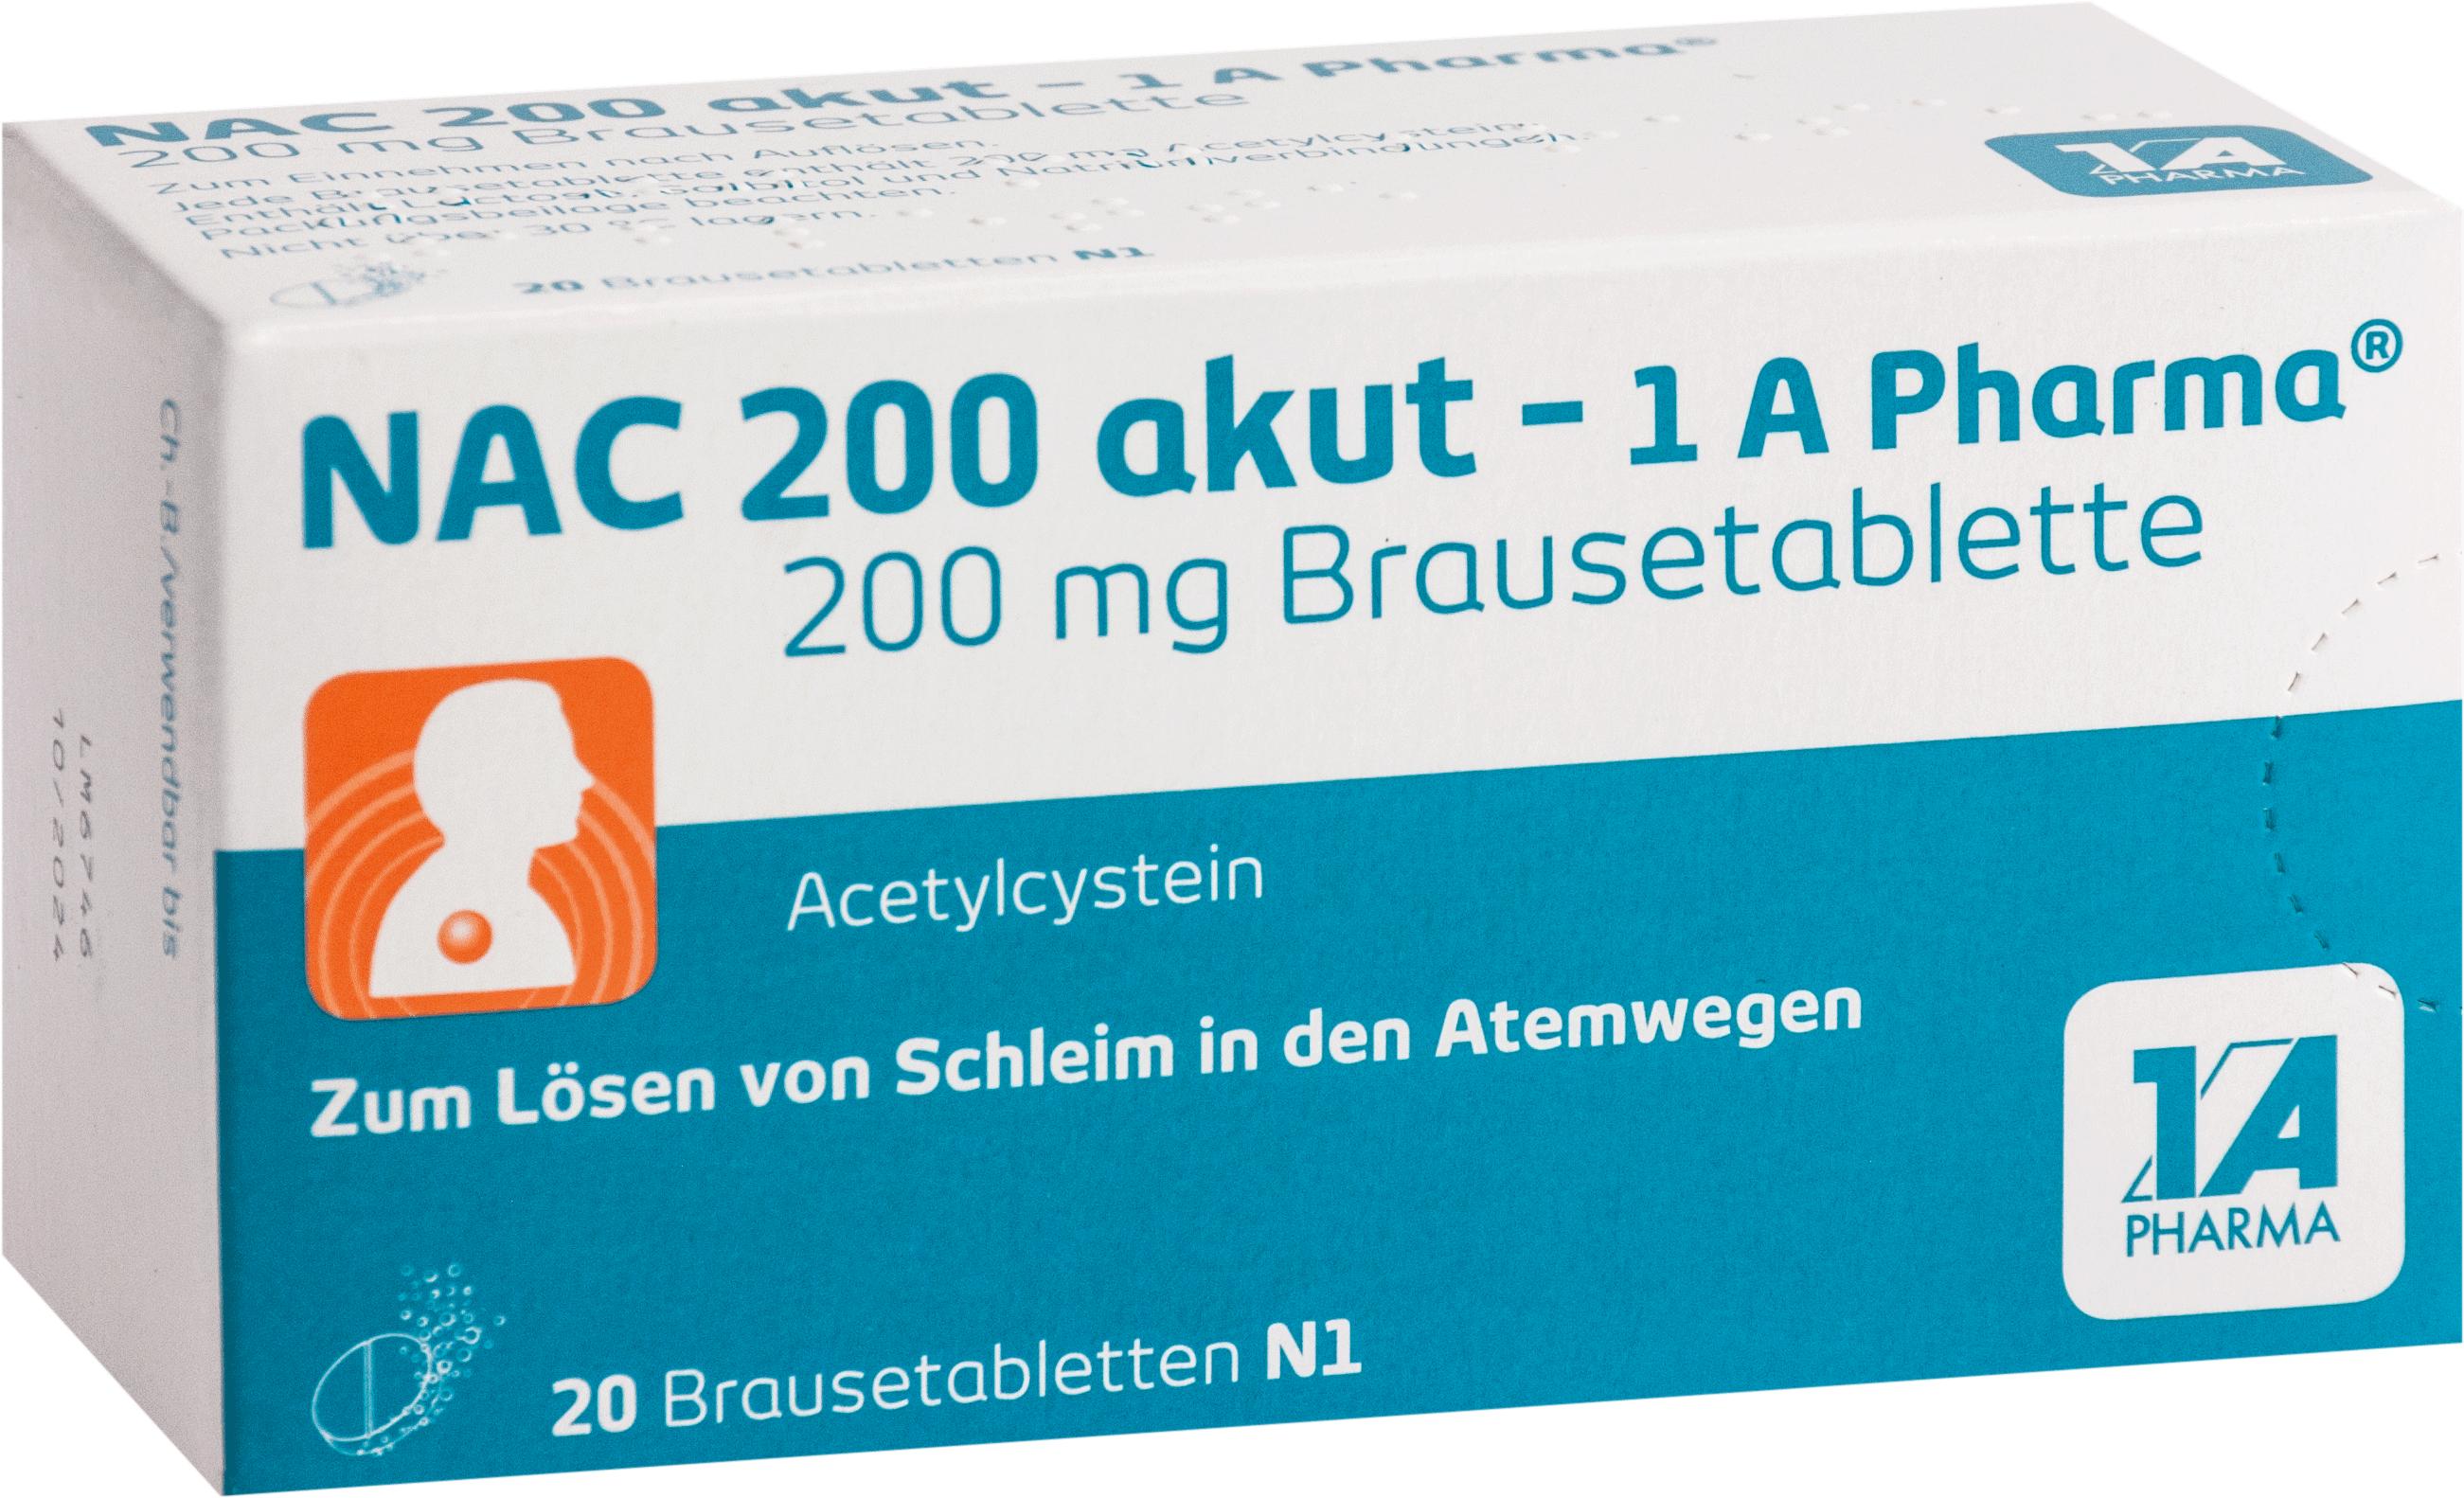 NAC 200 akut-1A-PHARMA